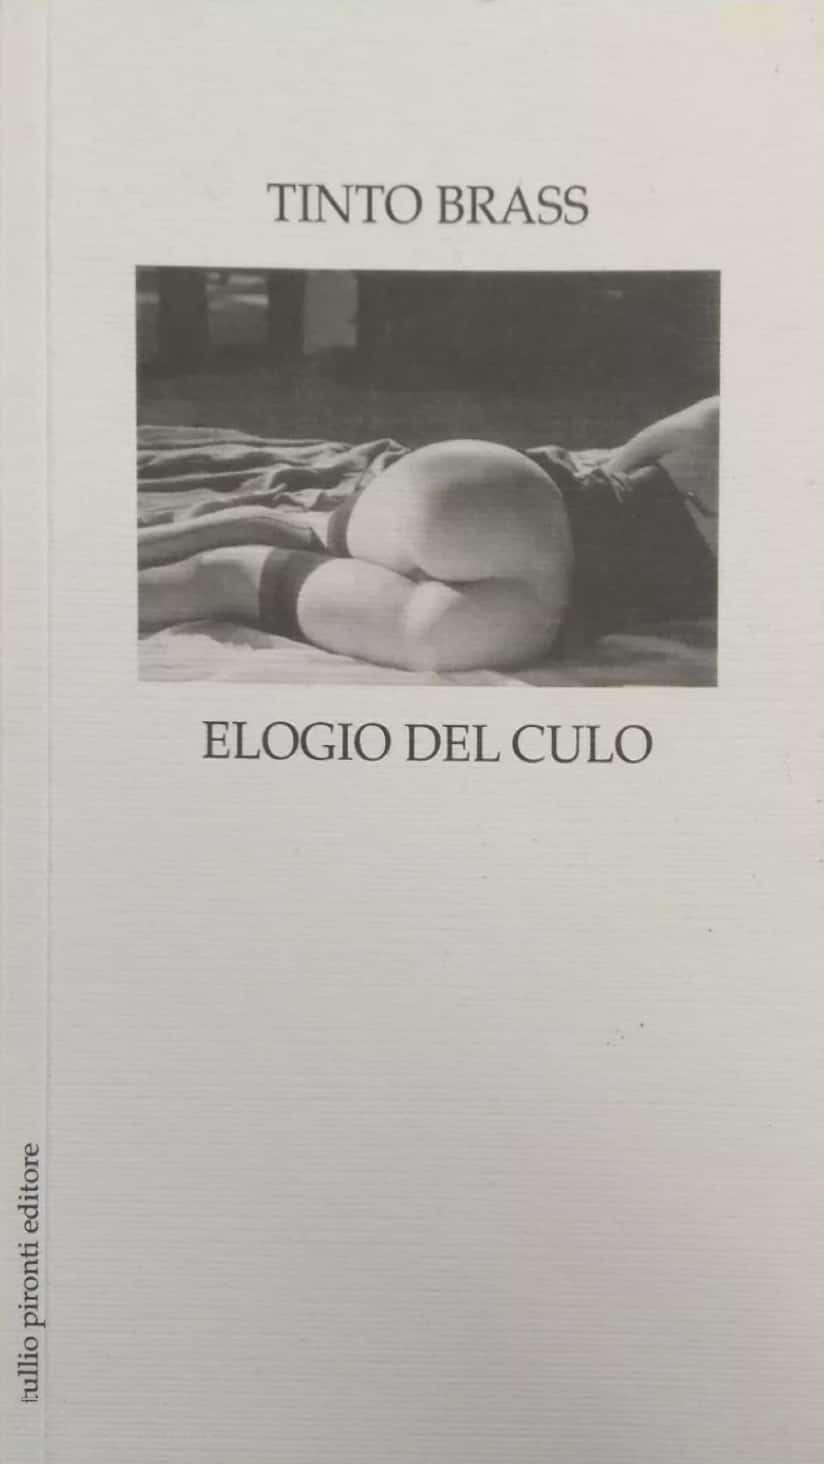 """""""Elogio del culo"""" di Tinto Brass e dediche autografe per """"Monella"""" e Senso '45"""" su eBay!"""